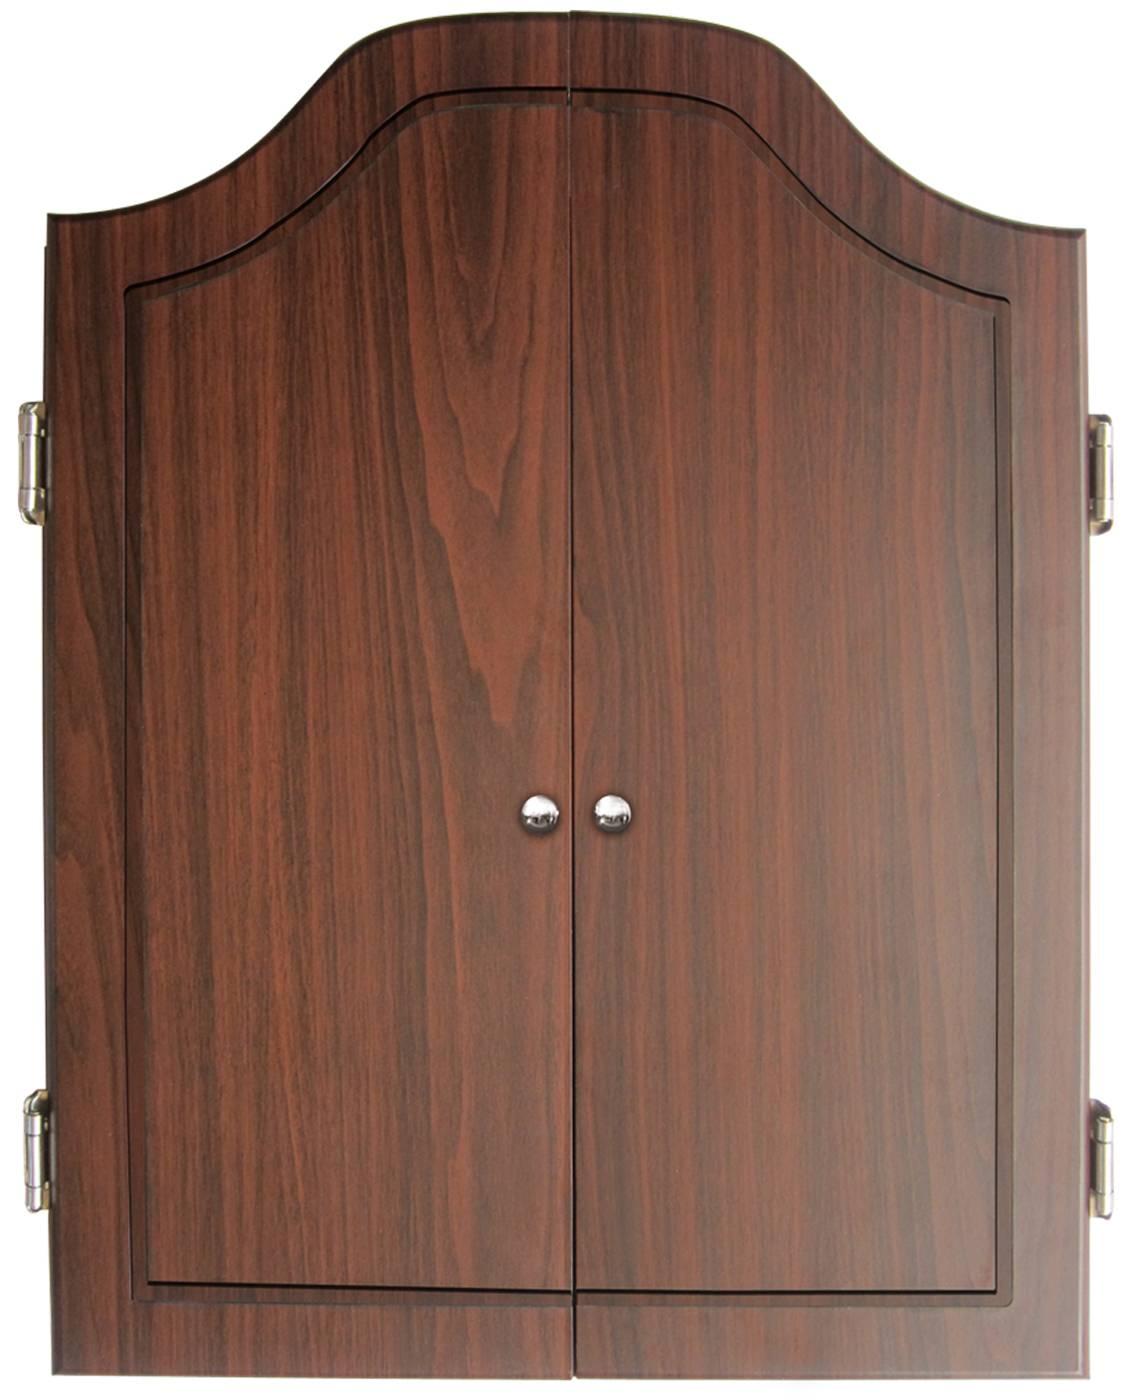 dmi darts deluxe dartboard cabinet sets bristle dart board c